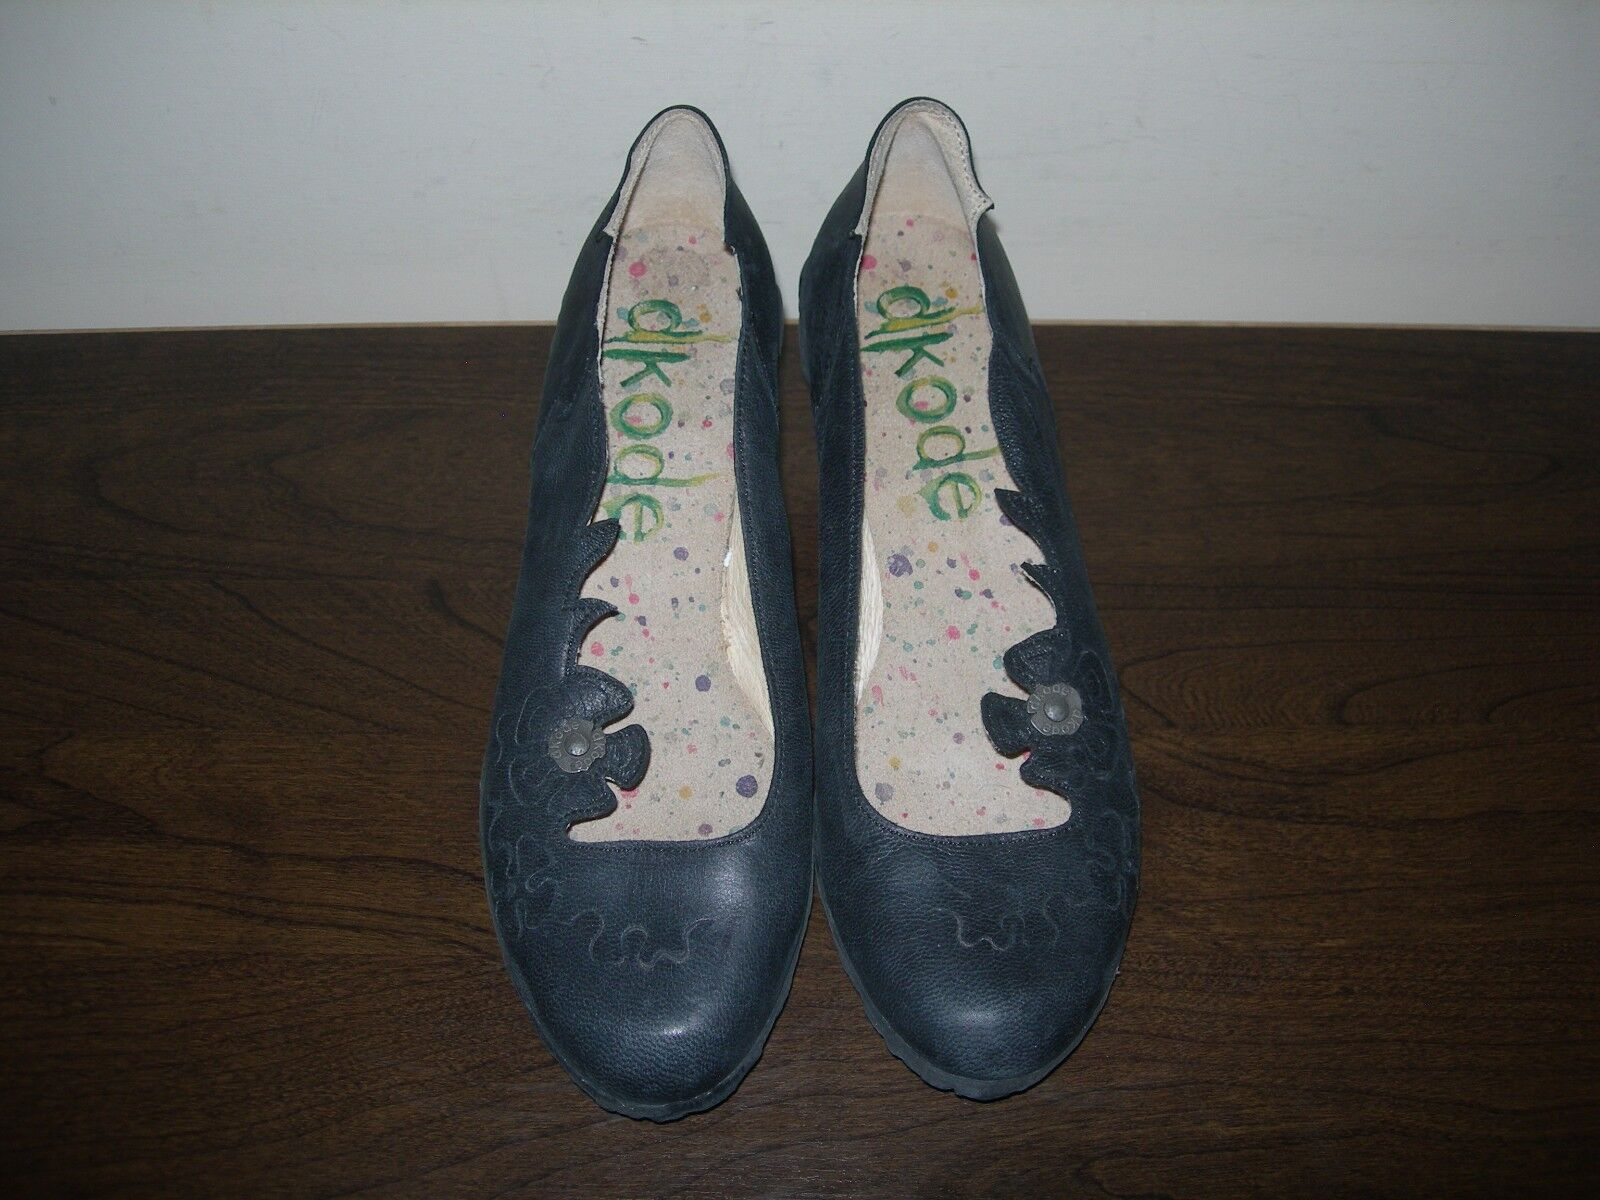 DKODE WOMEN'S Schuhe SLIP FLORAL ON HEELS BLACK LEATHER FLORAL SLIP EU 37- 37.5 / UK 4- 4.5 759839